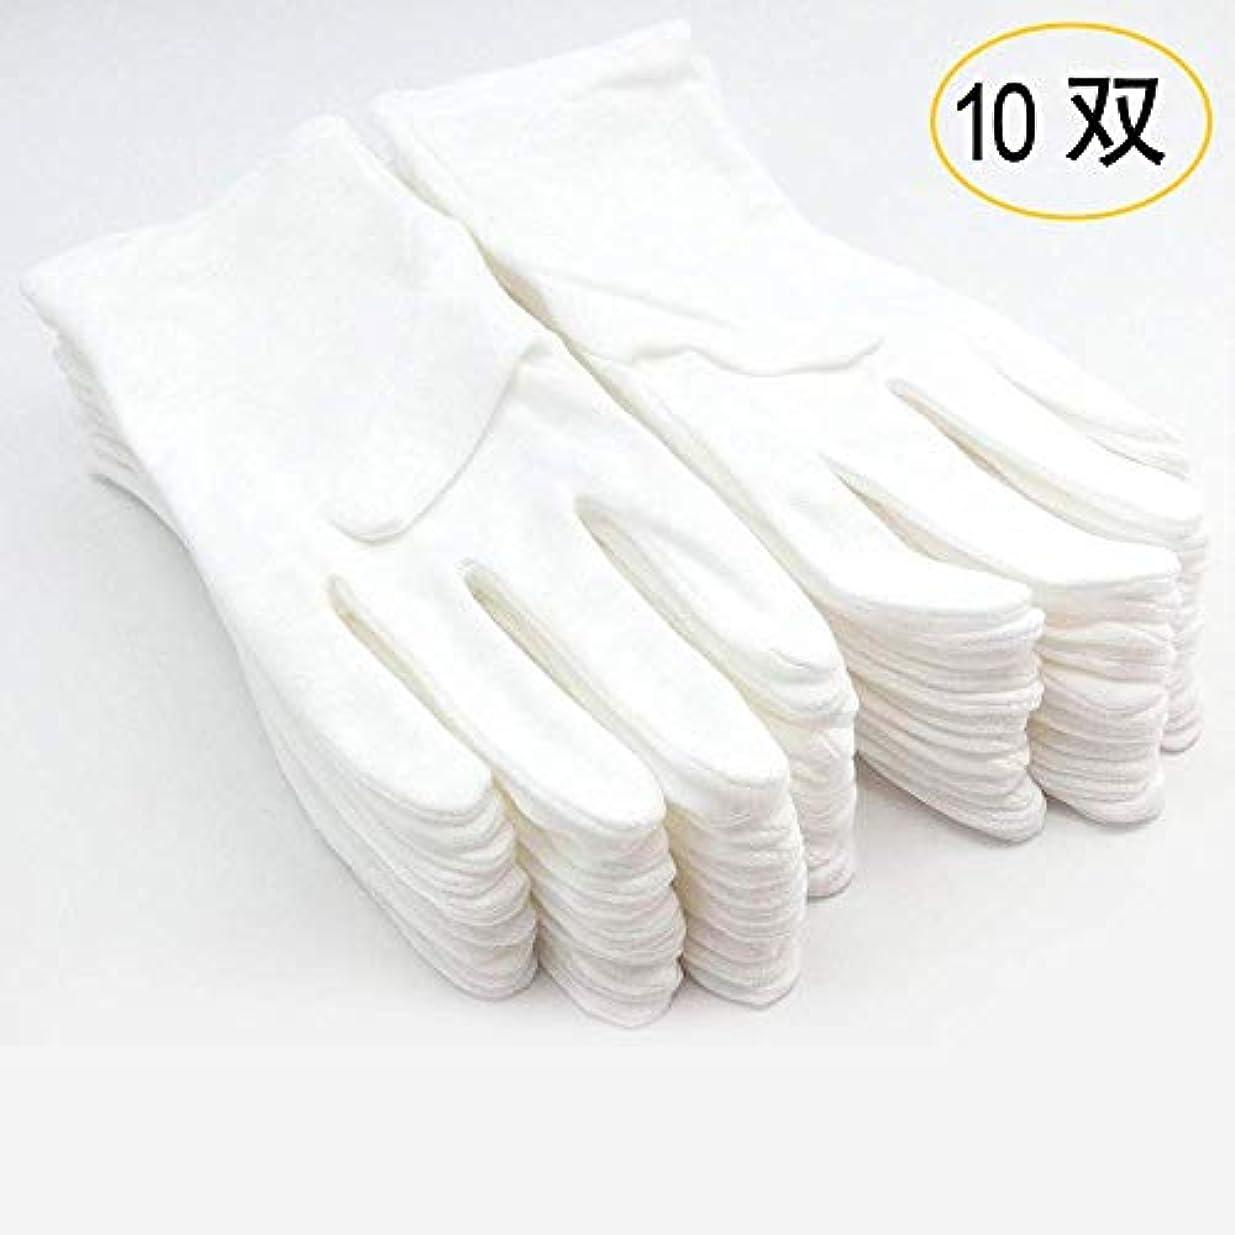 ハブブ戦う破壊的な綿手袋 純綿100% 通気性 コットン手袋 10双組